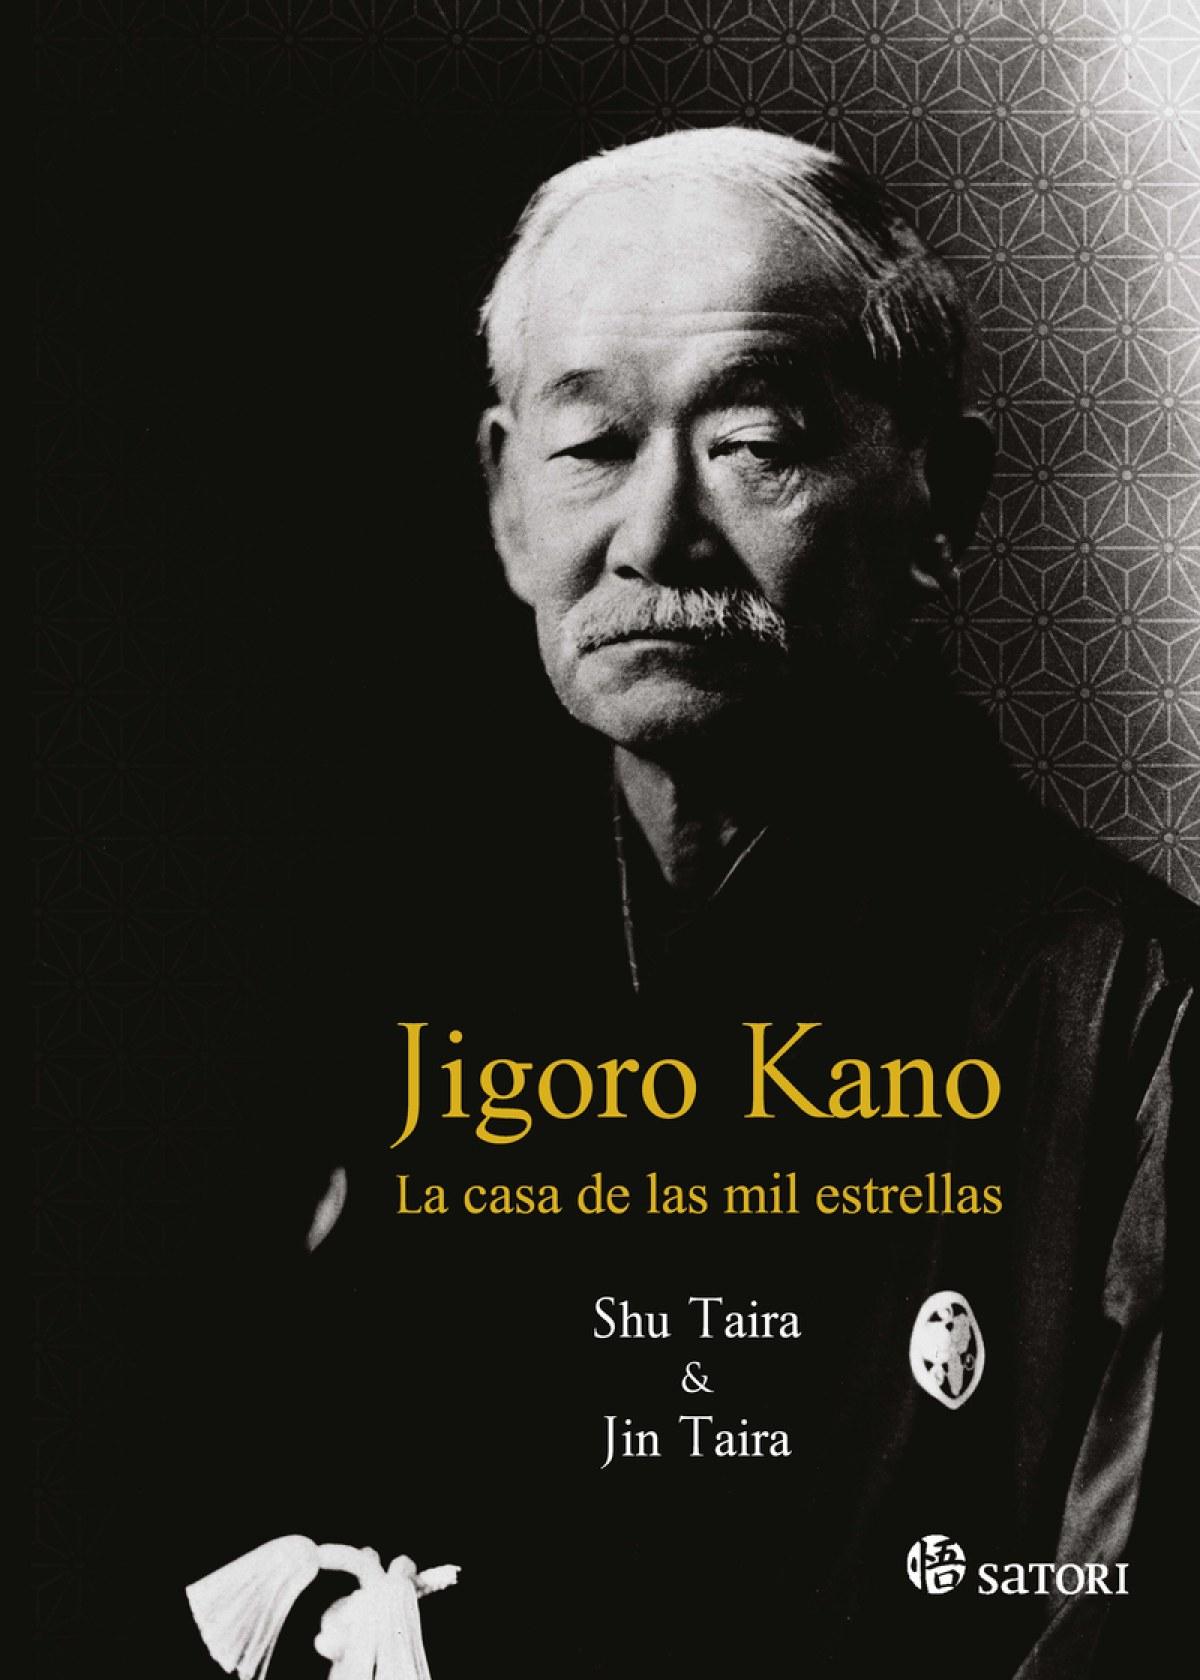 JIGORO KANO 9788417419622